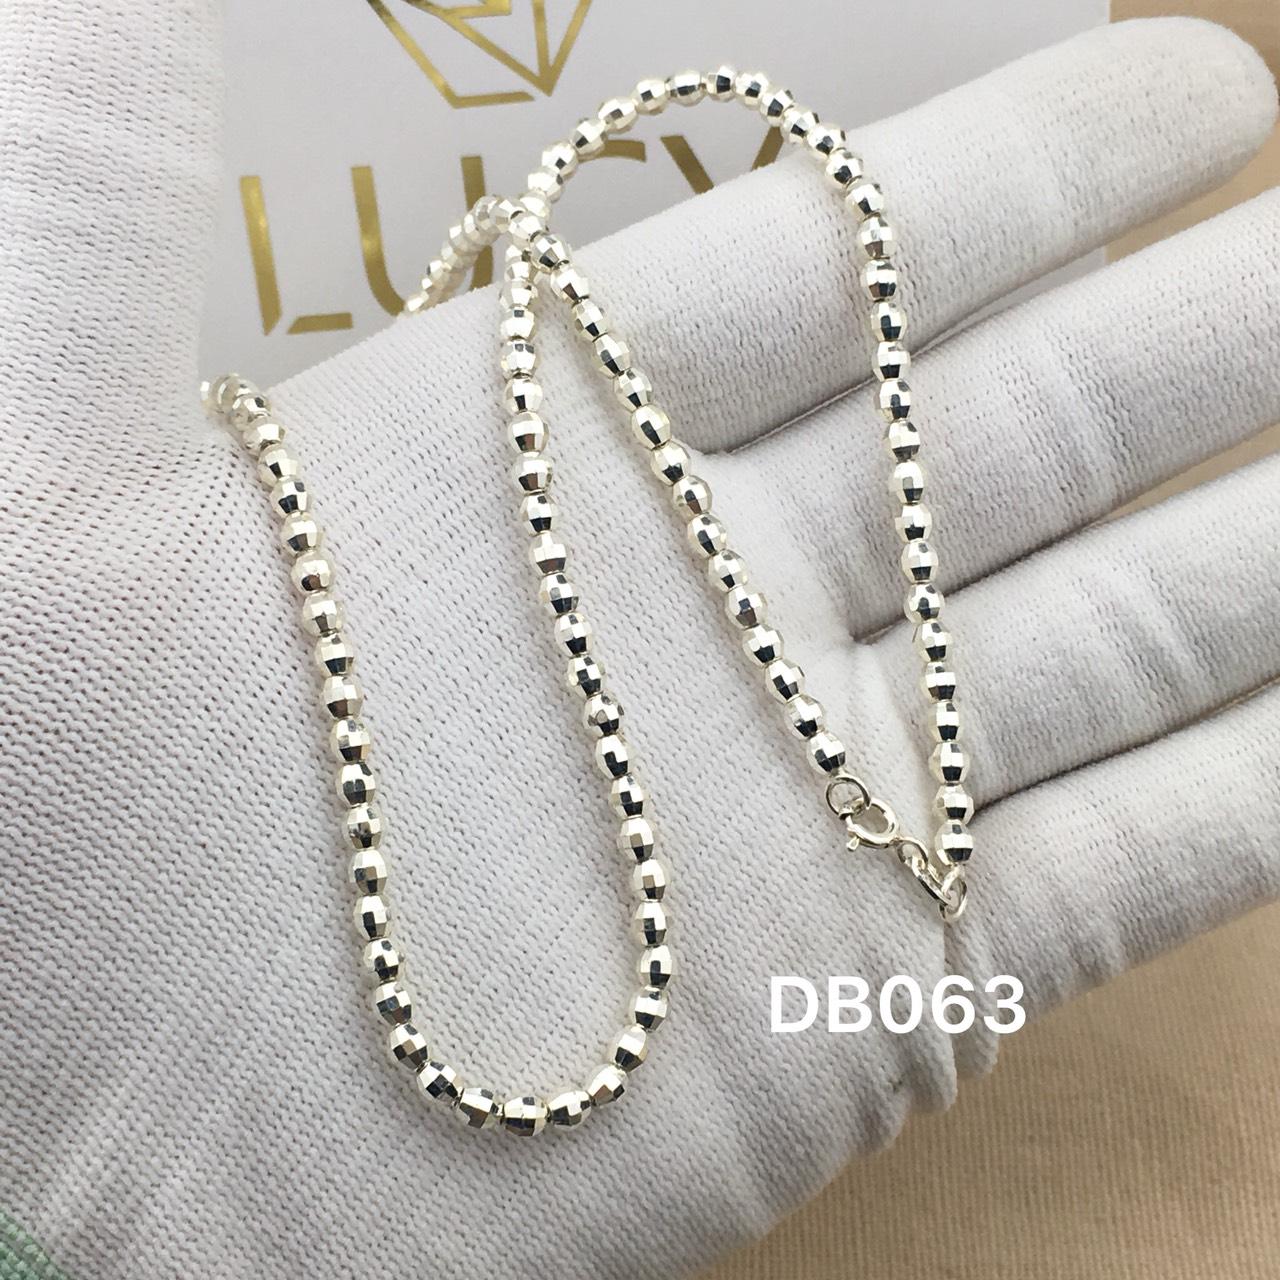 DB063 Dây chuyền vòng cổ bạc ta cho bé